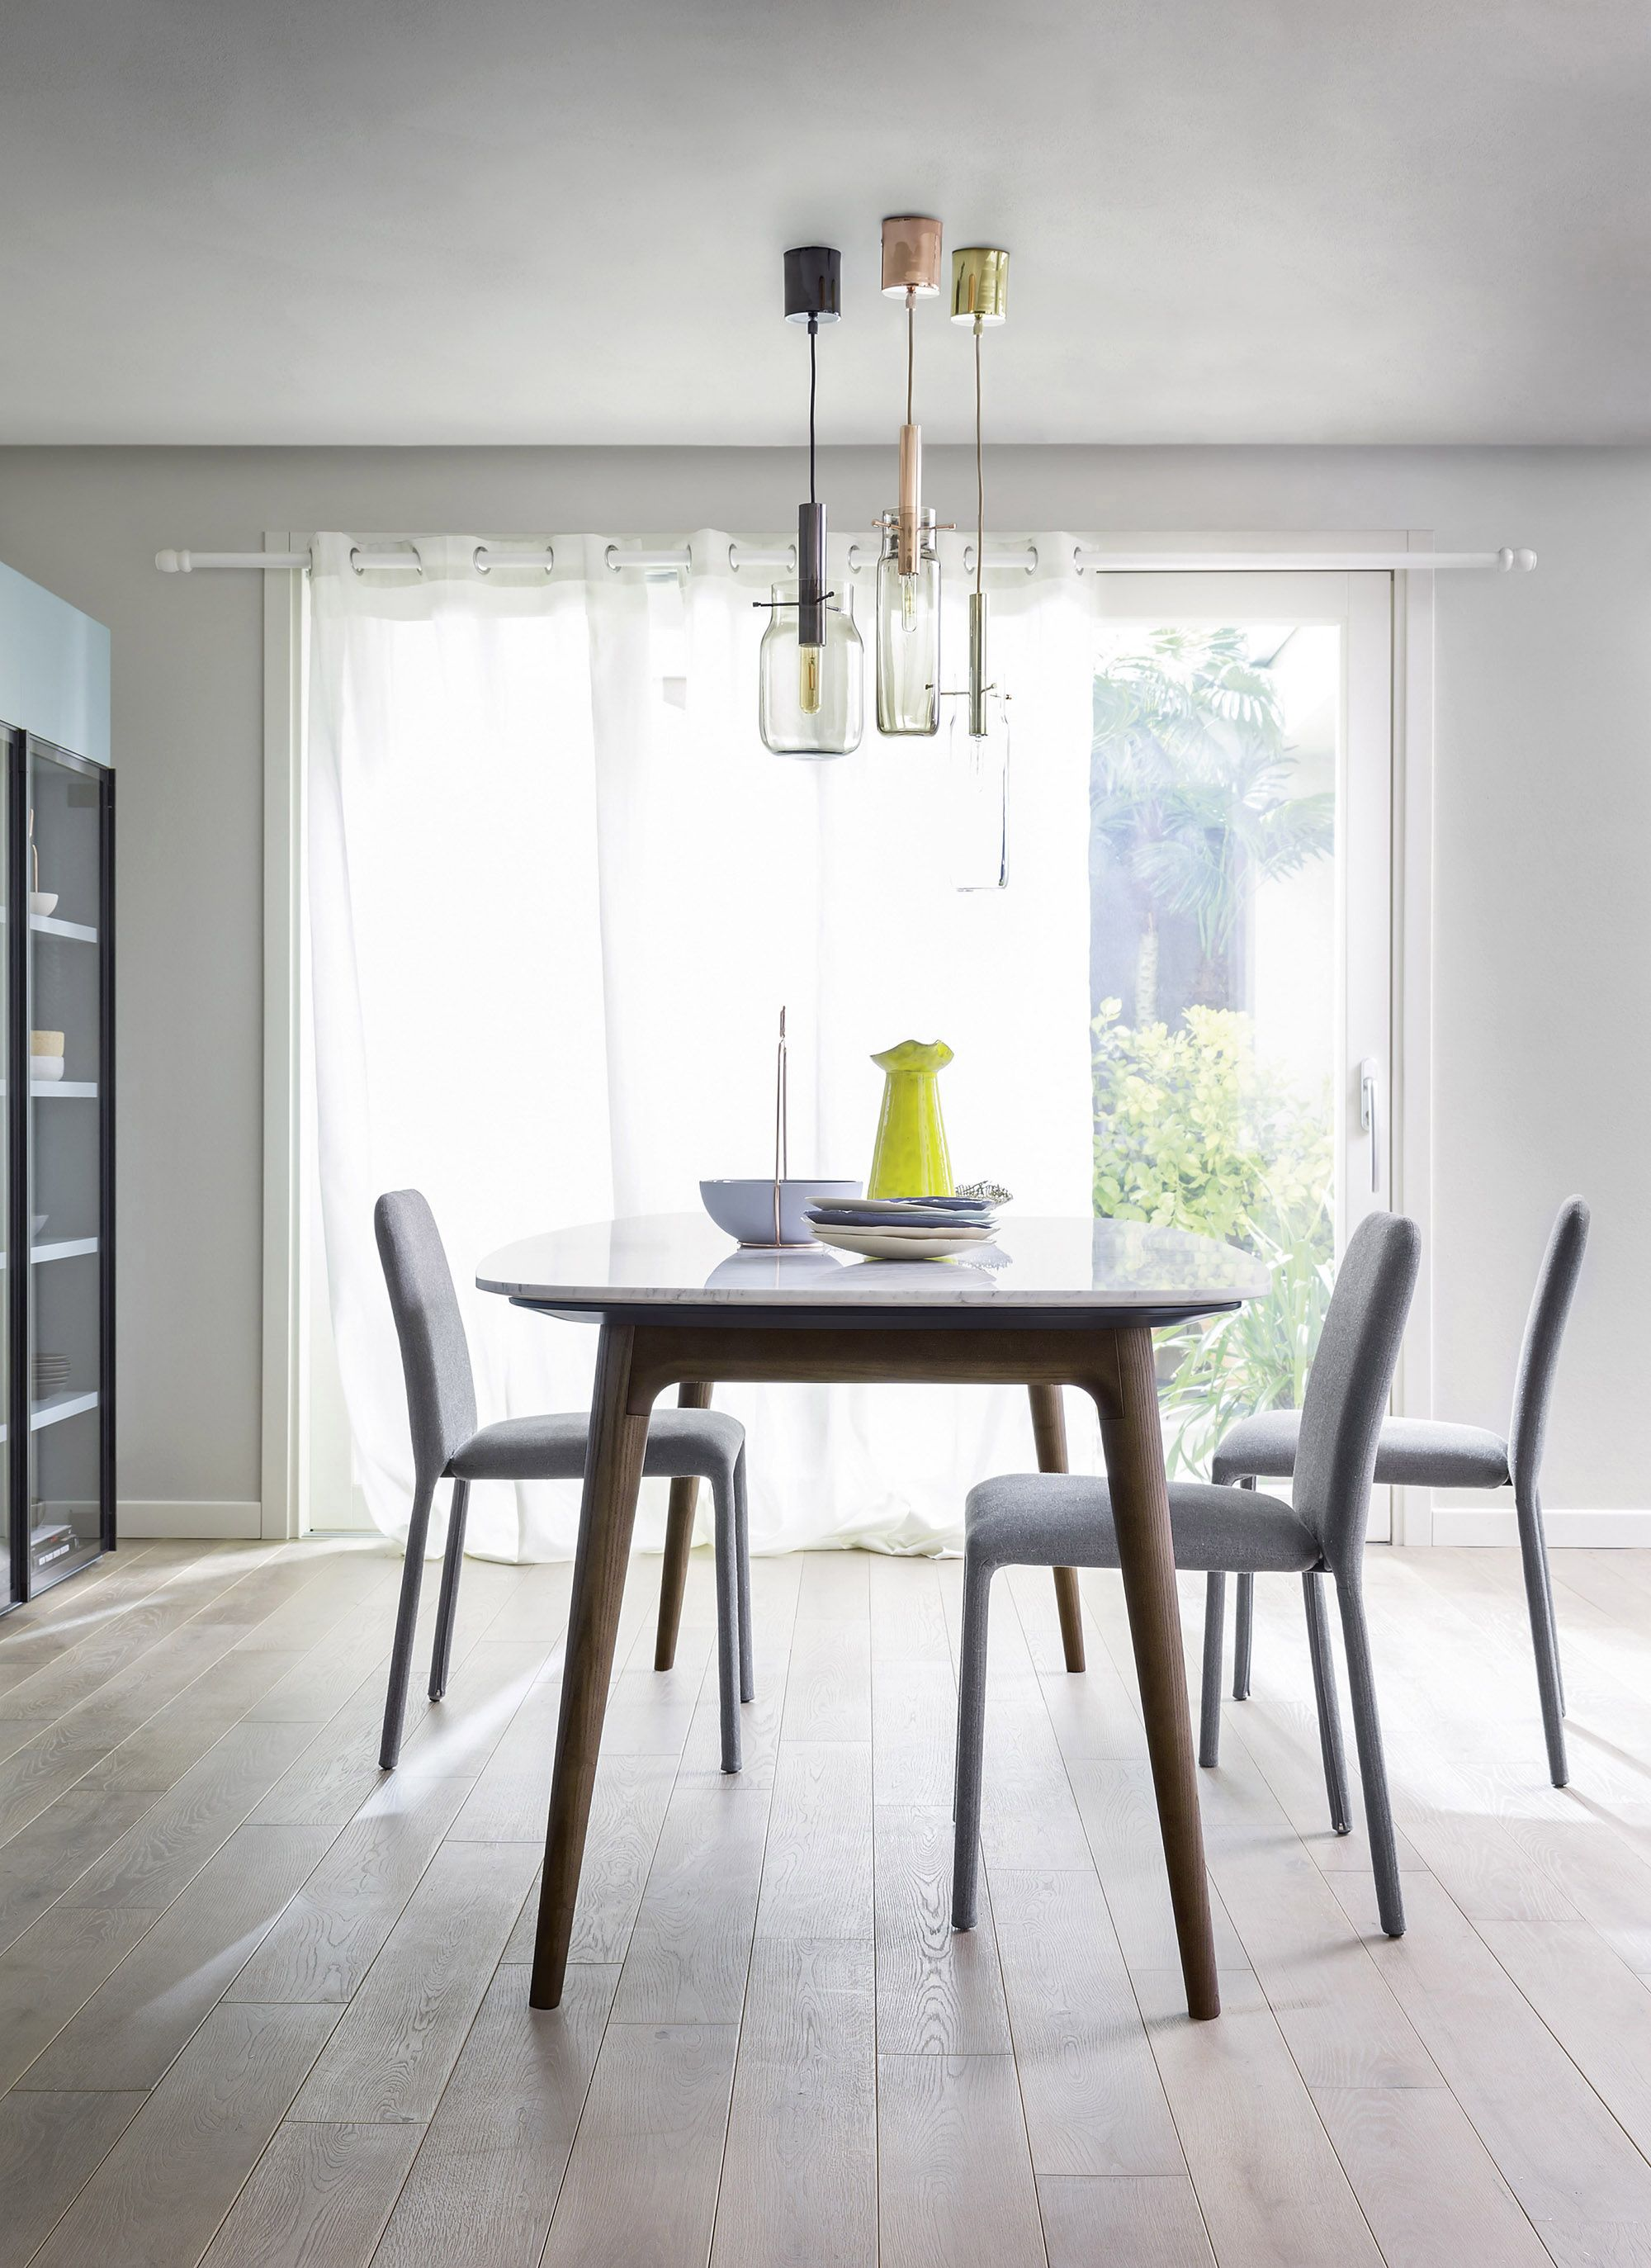 Esstisch designermöbel  Novamobili Tisch Hanami - Designermöbel von Raum + Form | Tisch ...